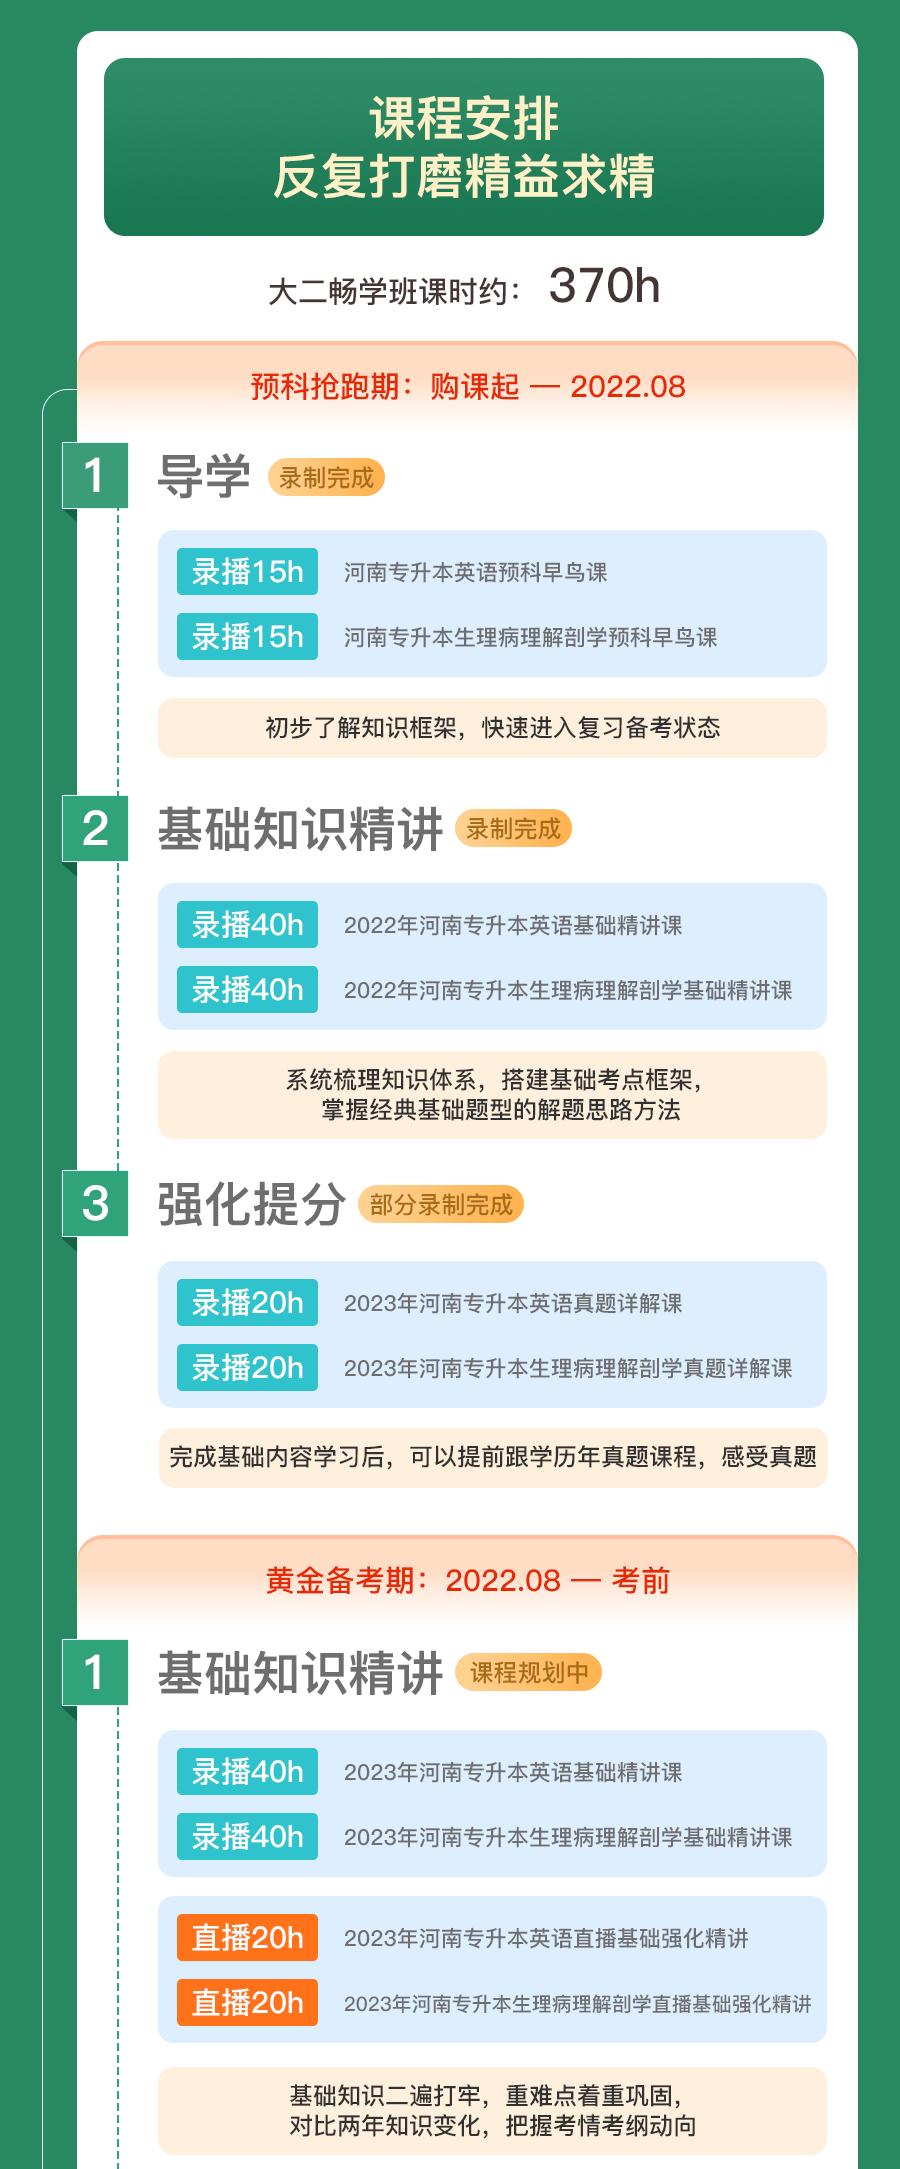 大二畅学班-河南-英语+生理病理解剖学_03.png